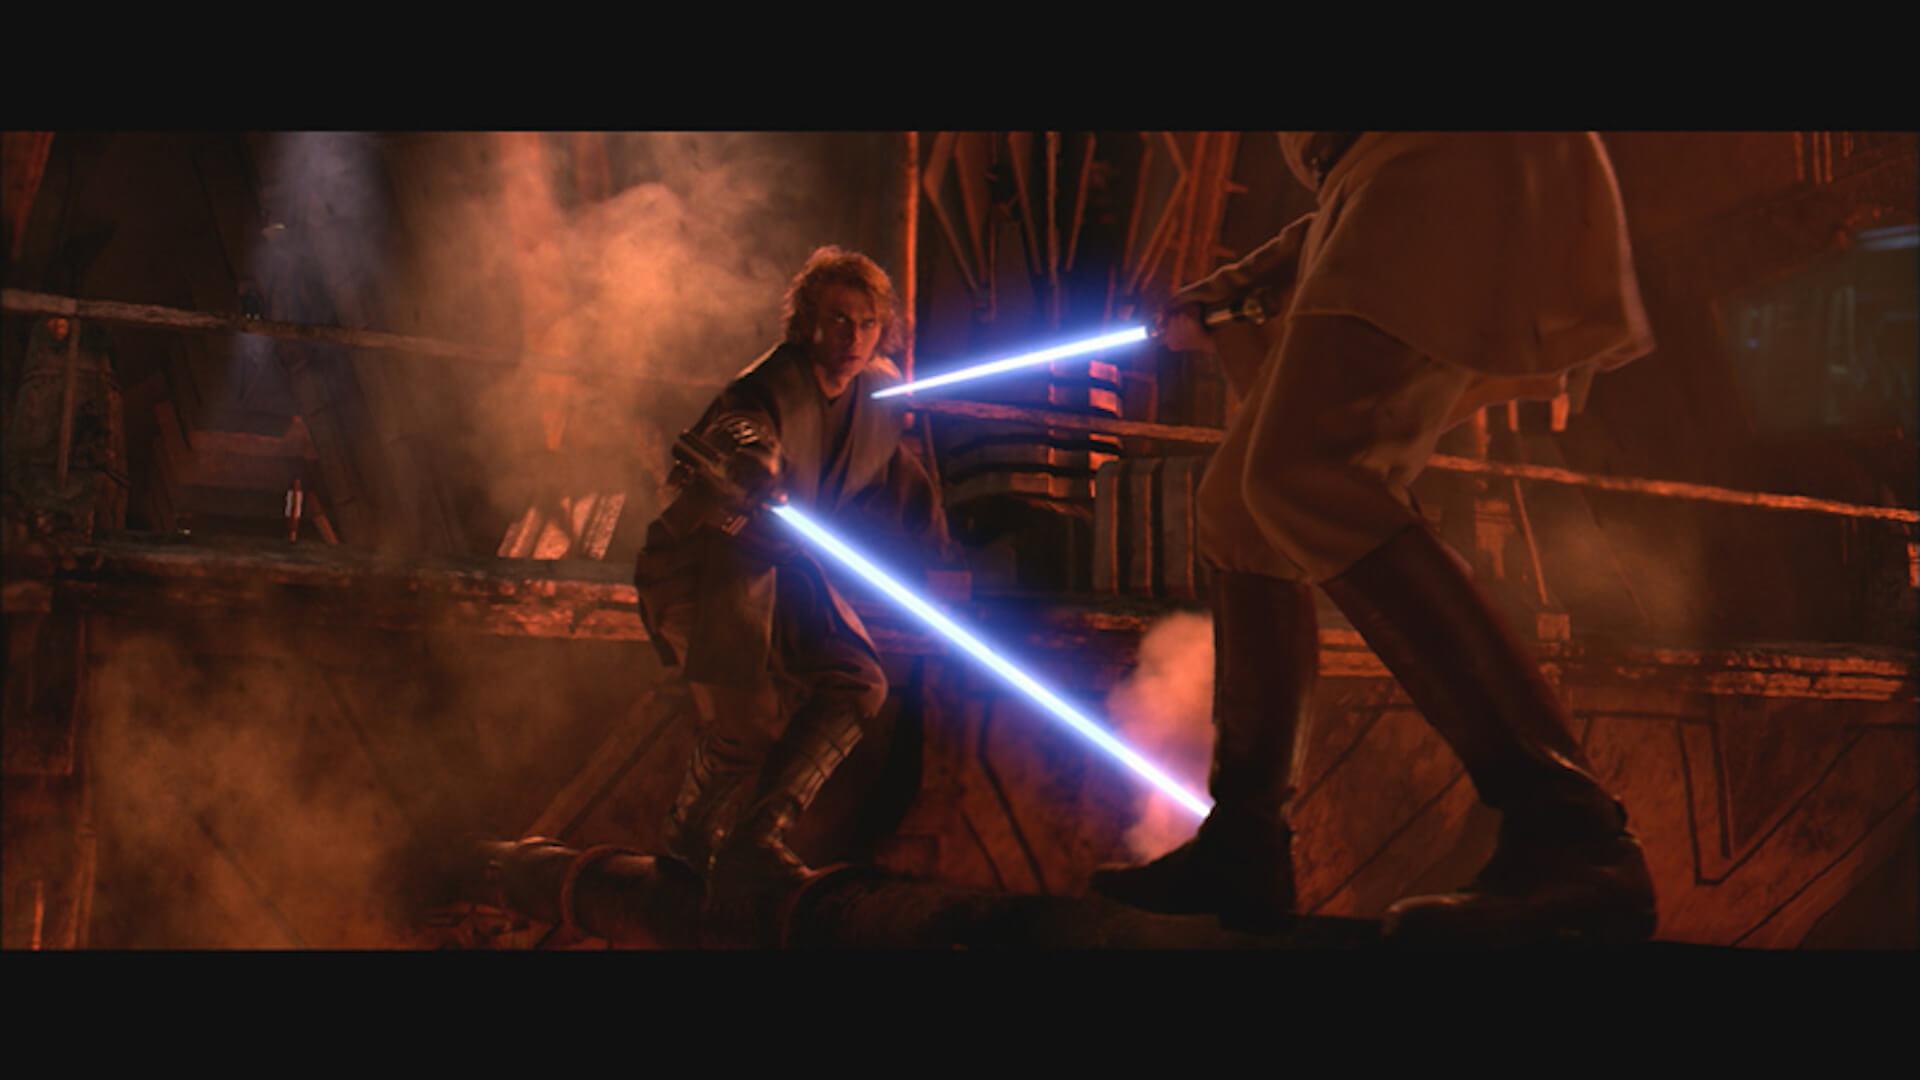 ジェダイたちの声の主が判明!『スター・ウォーズ/スカイウォーカーの夜明け』がまもなく上映終了 film200214_starwars_3